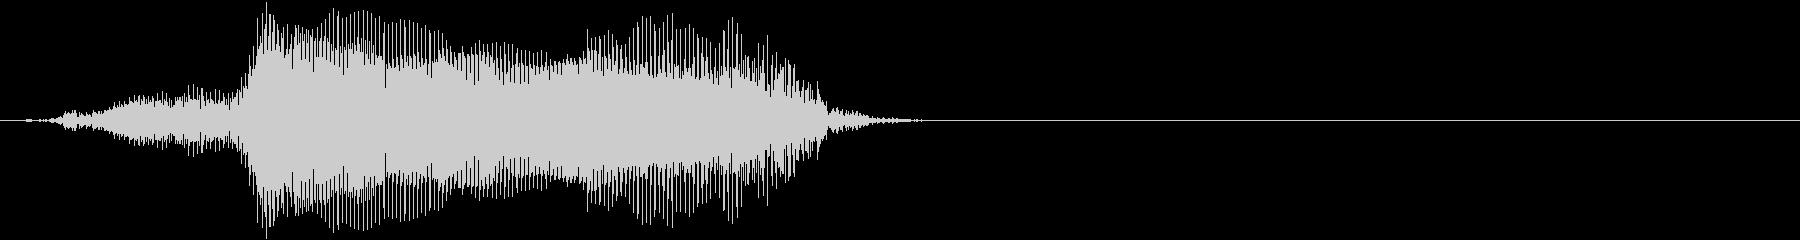 「猫の鳴き声011」ごろにゃーの未再生の波形